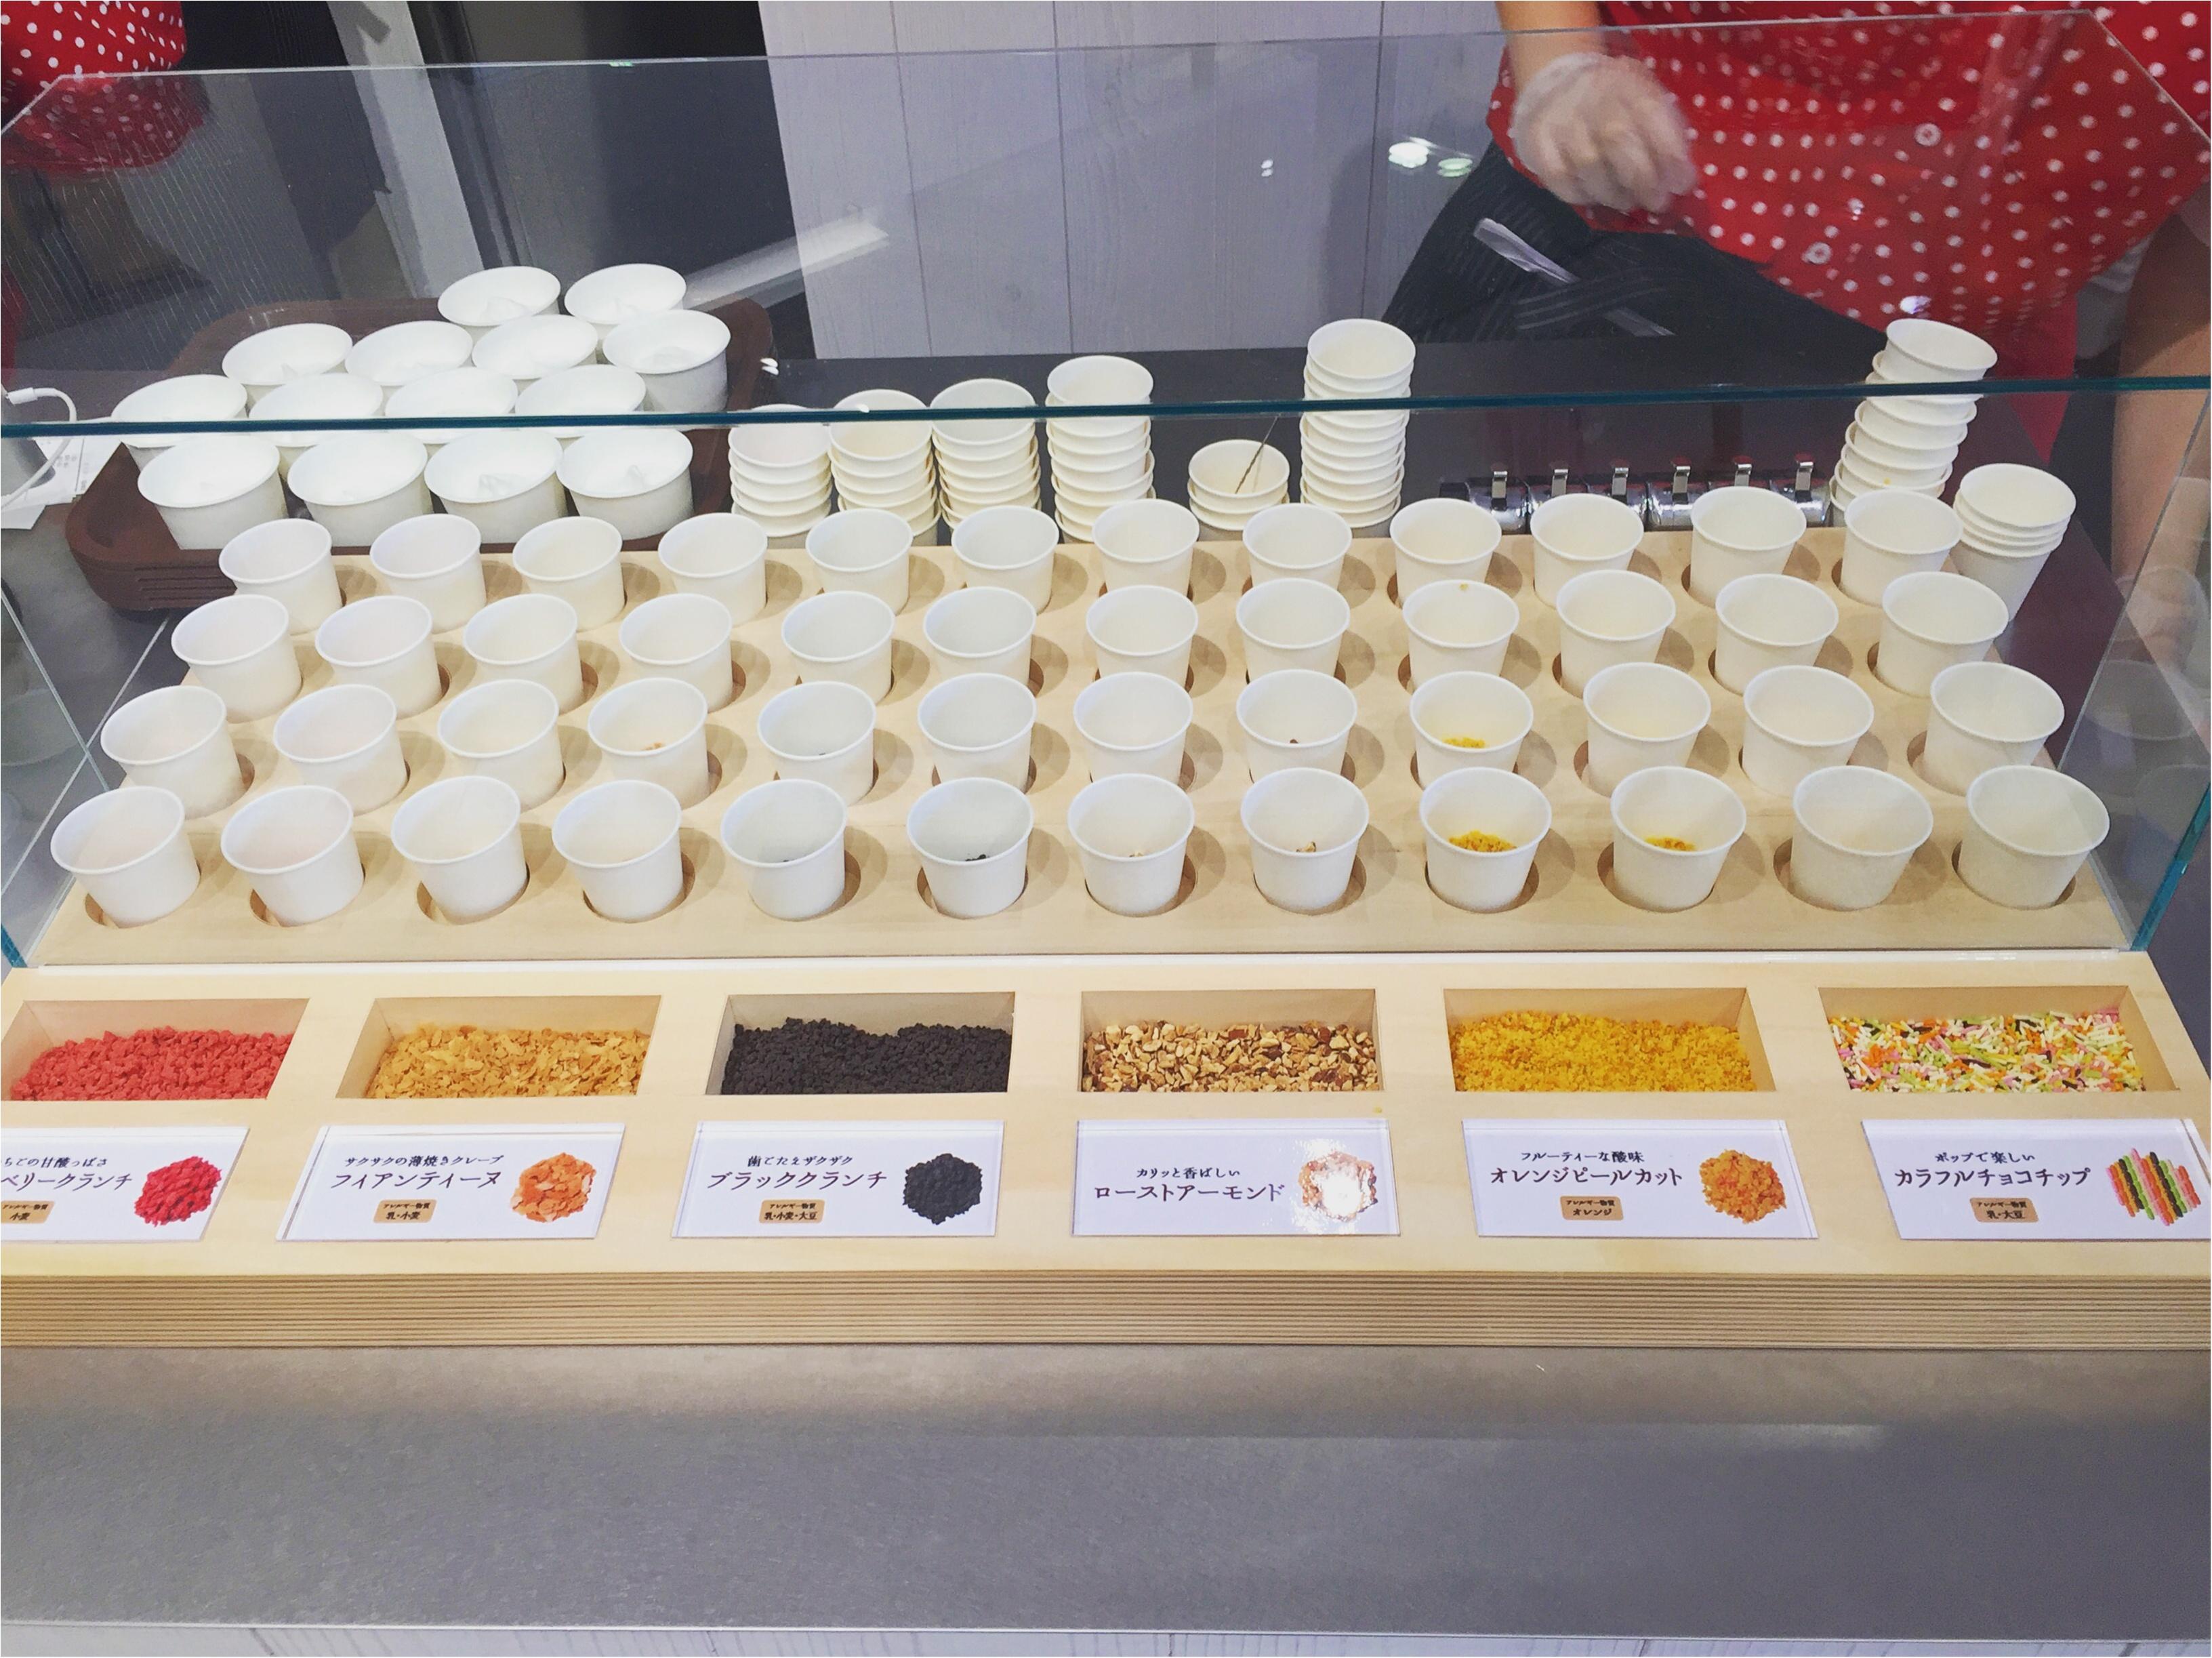 アイスの『pino』がつくった【ピノフォンデュカフェ】今年も東急プラザ表参道原宿3Fにオープン!大阪も今週末オープン✨≪samenyan≫_11